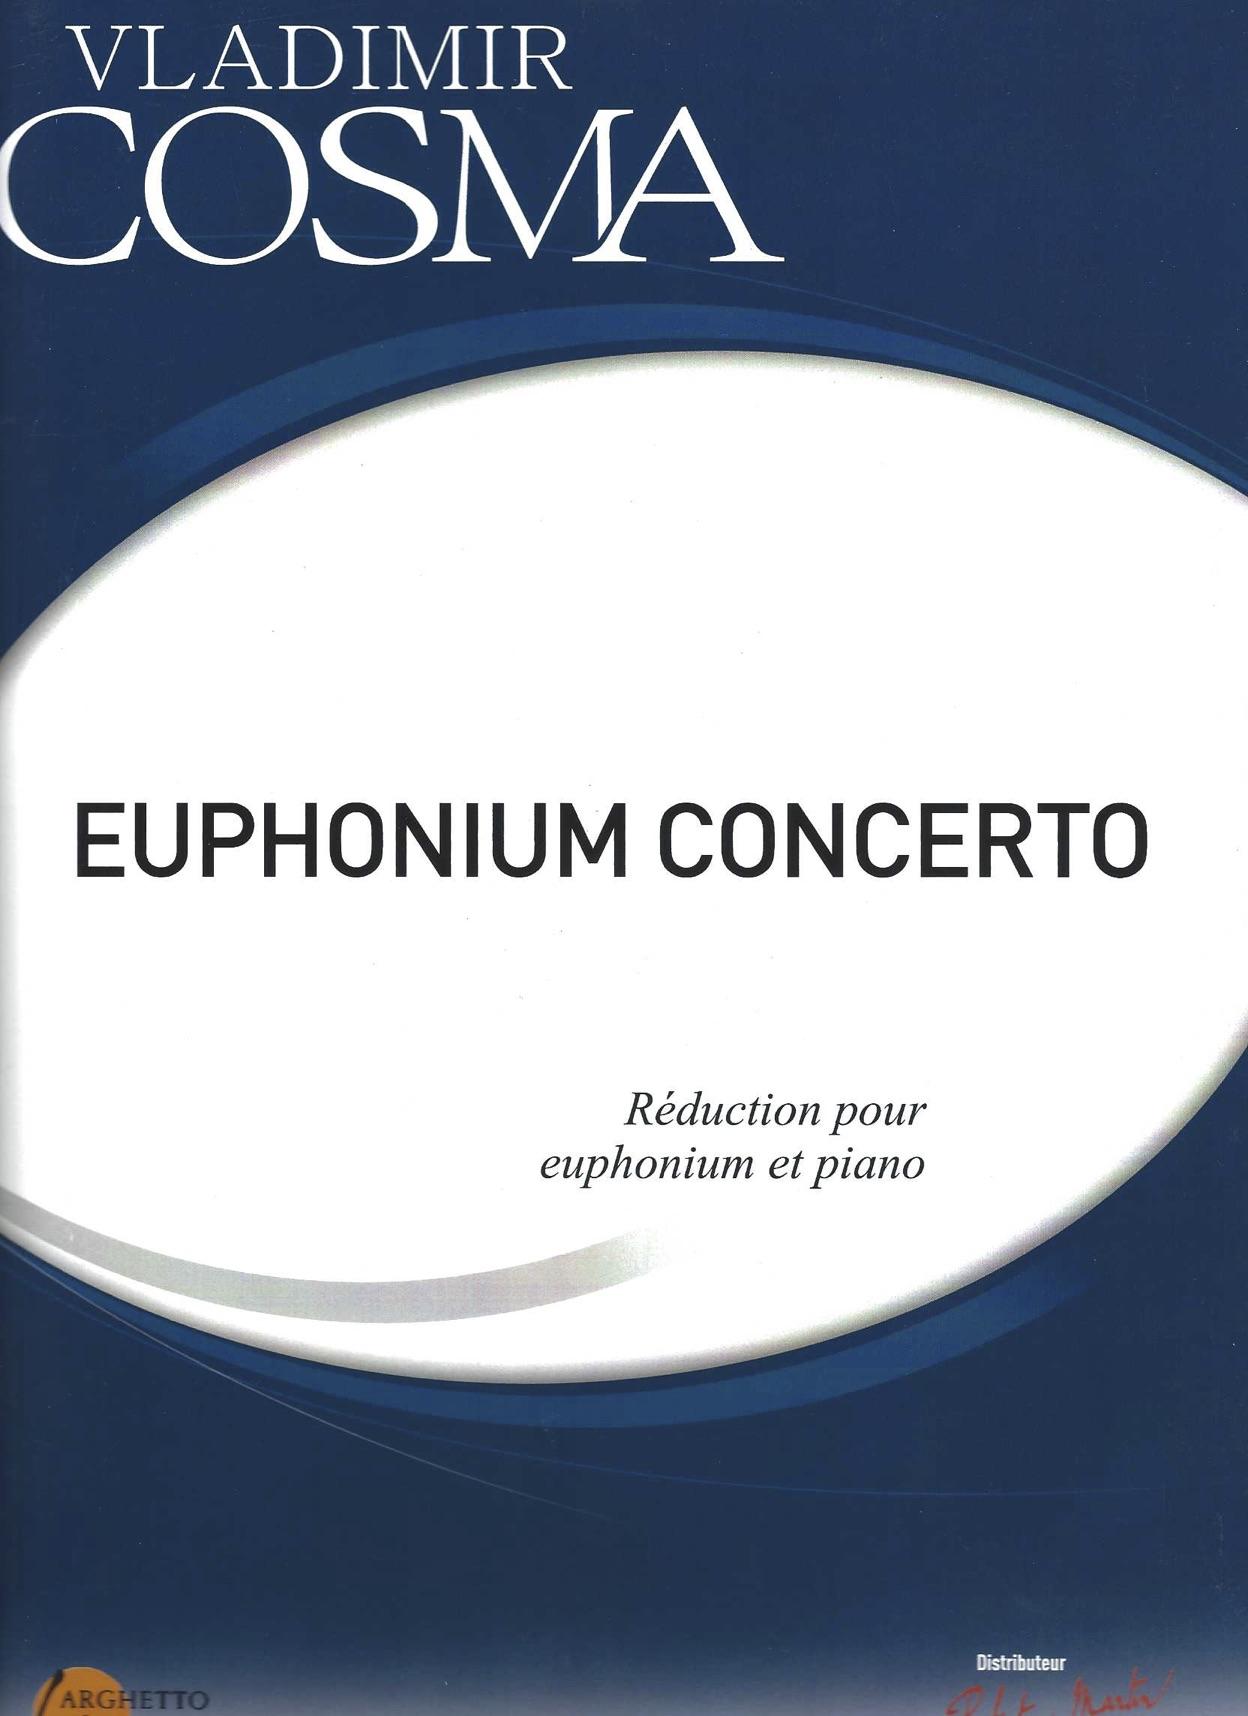 Euphonium Concerto - Vladimir Cosma - Euphonium and Piano